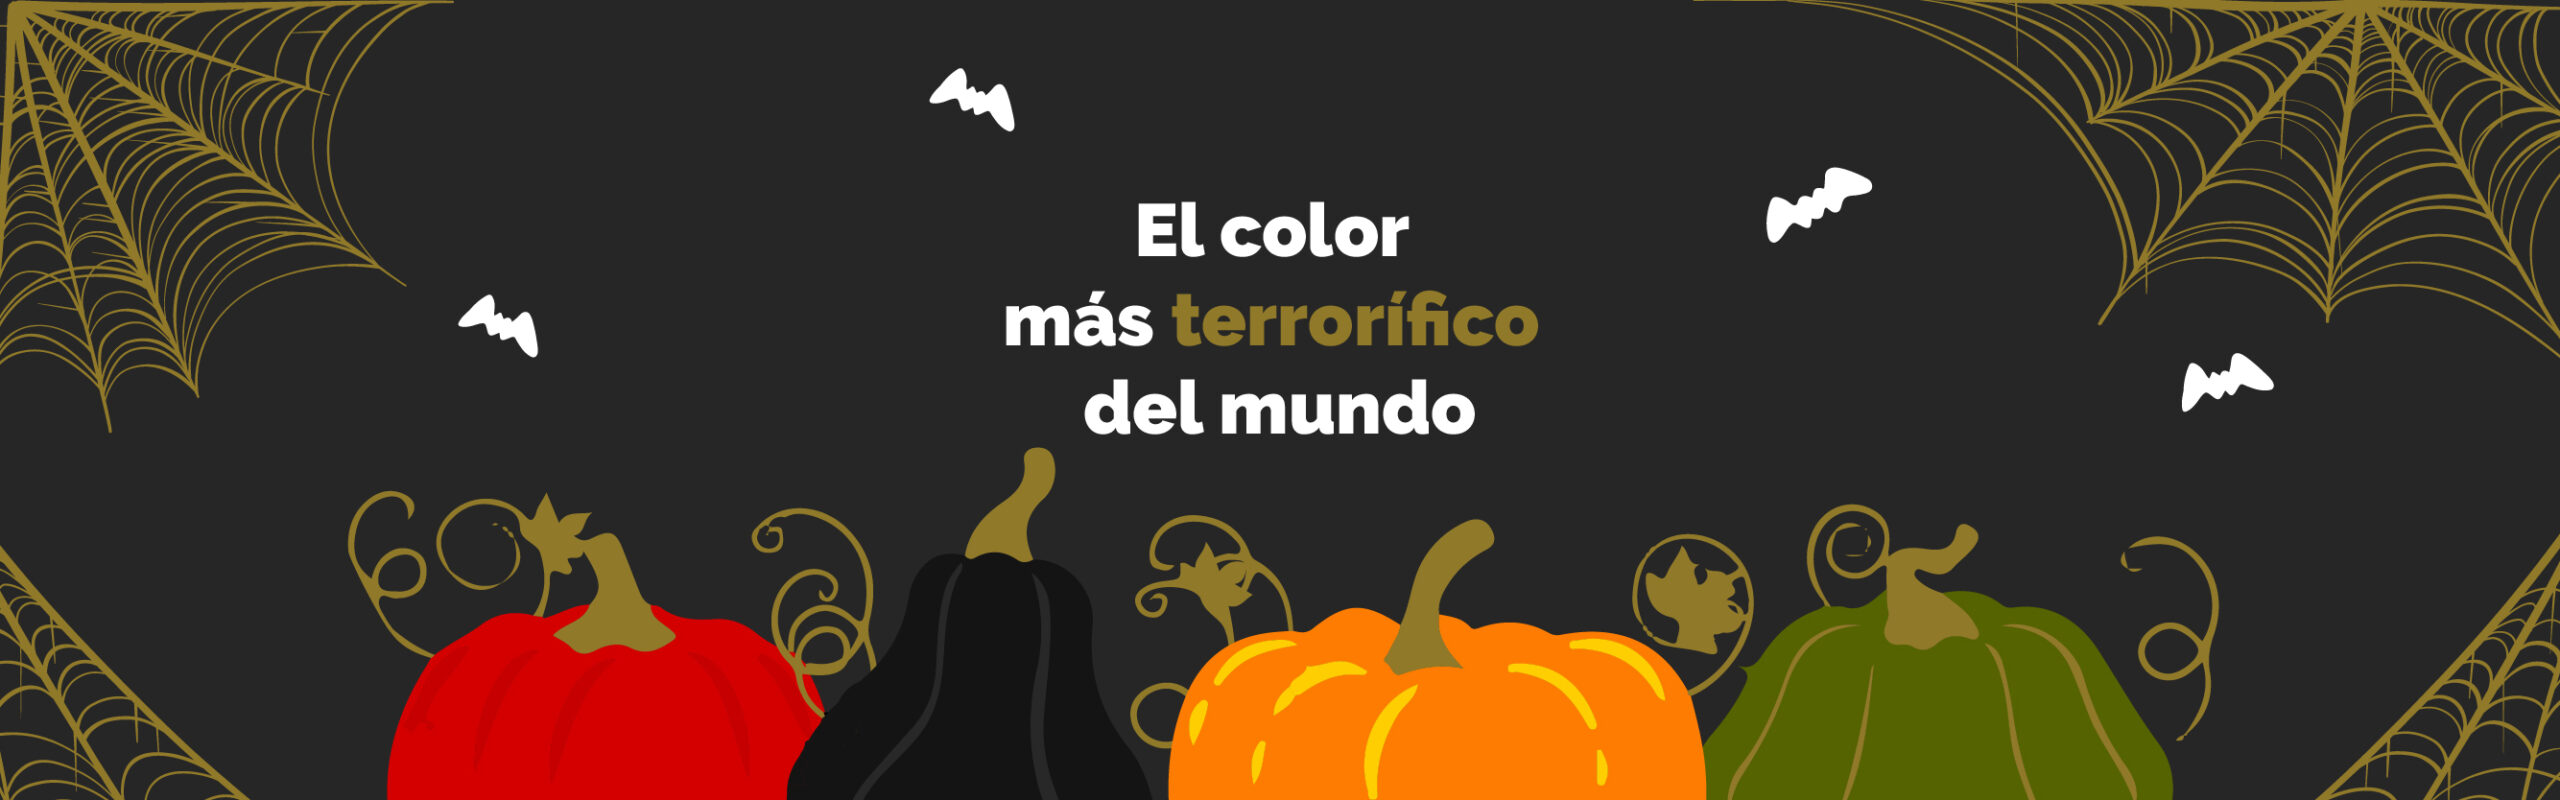 Cabecera blog combinaciones de colores terroríficas